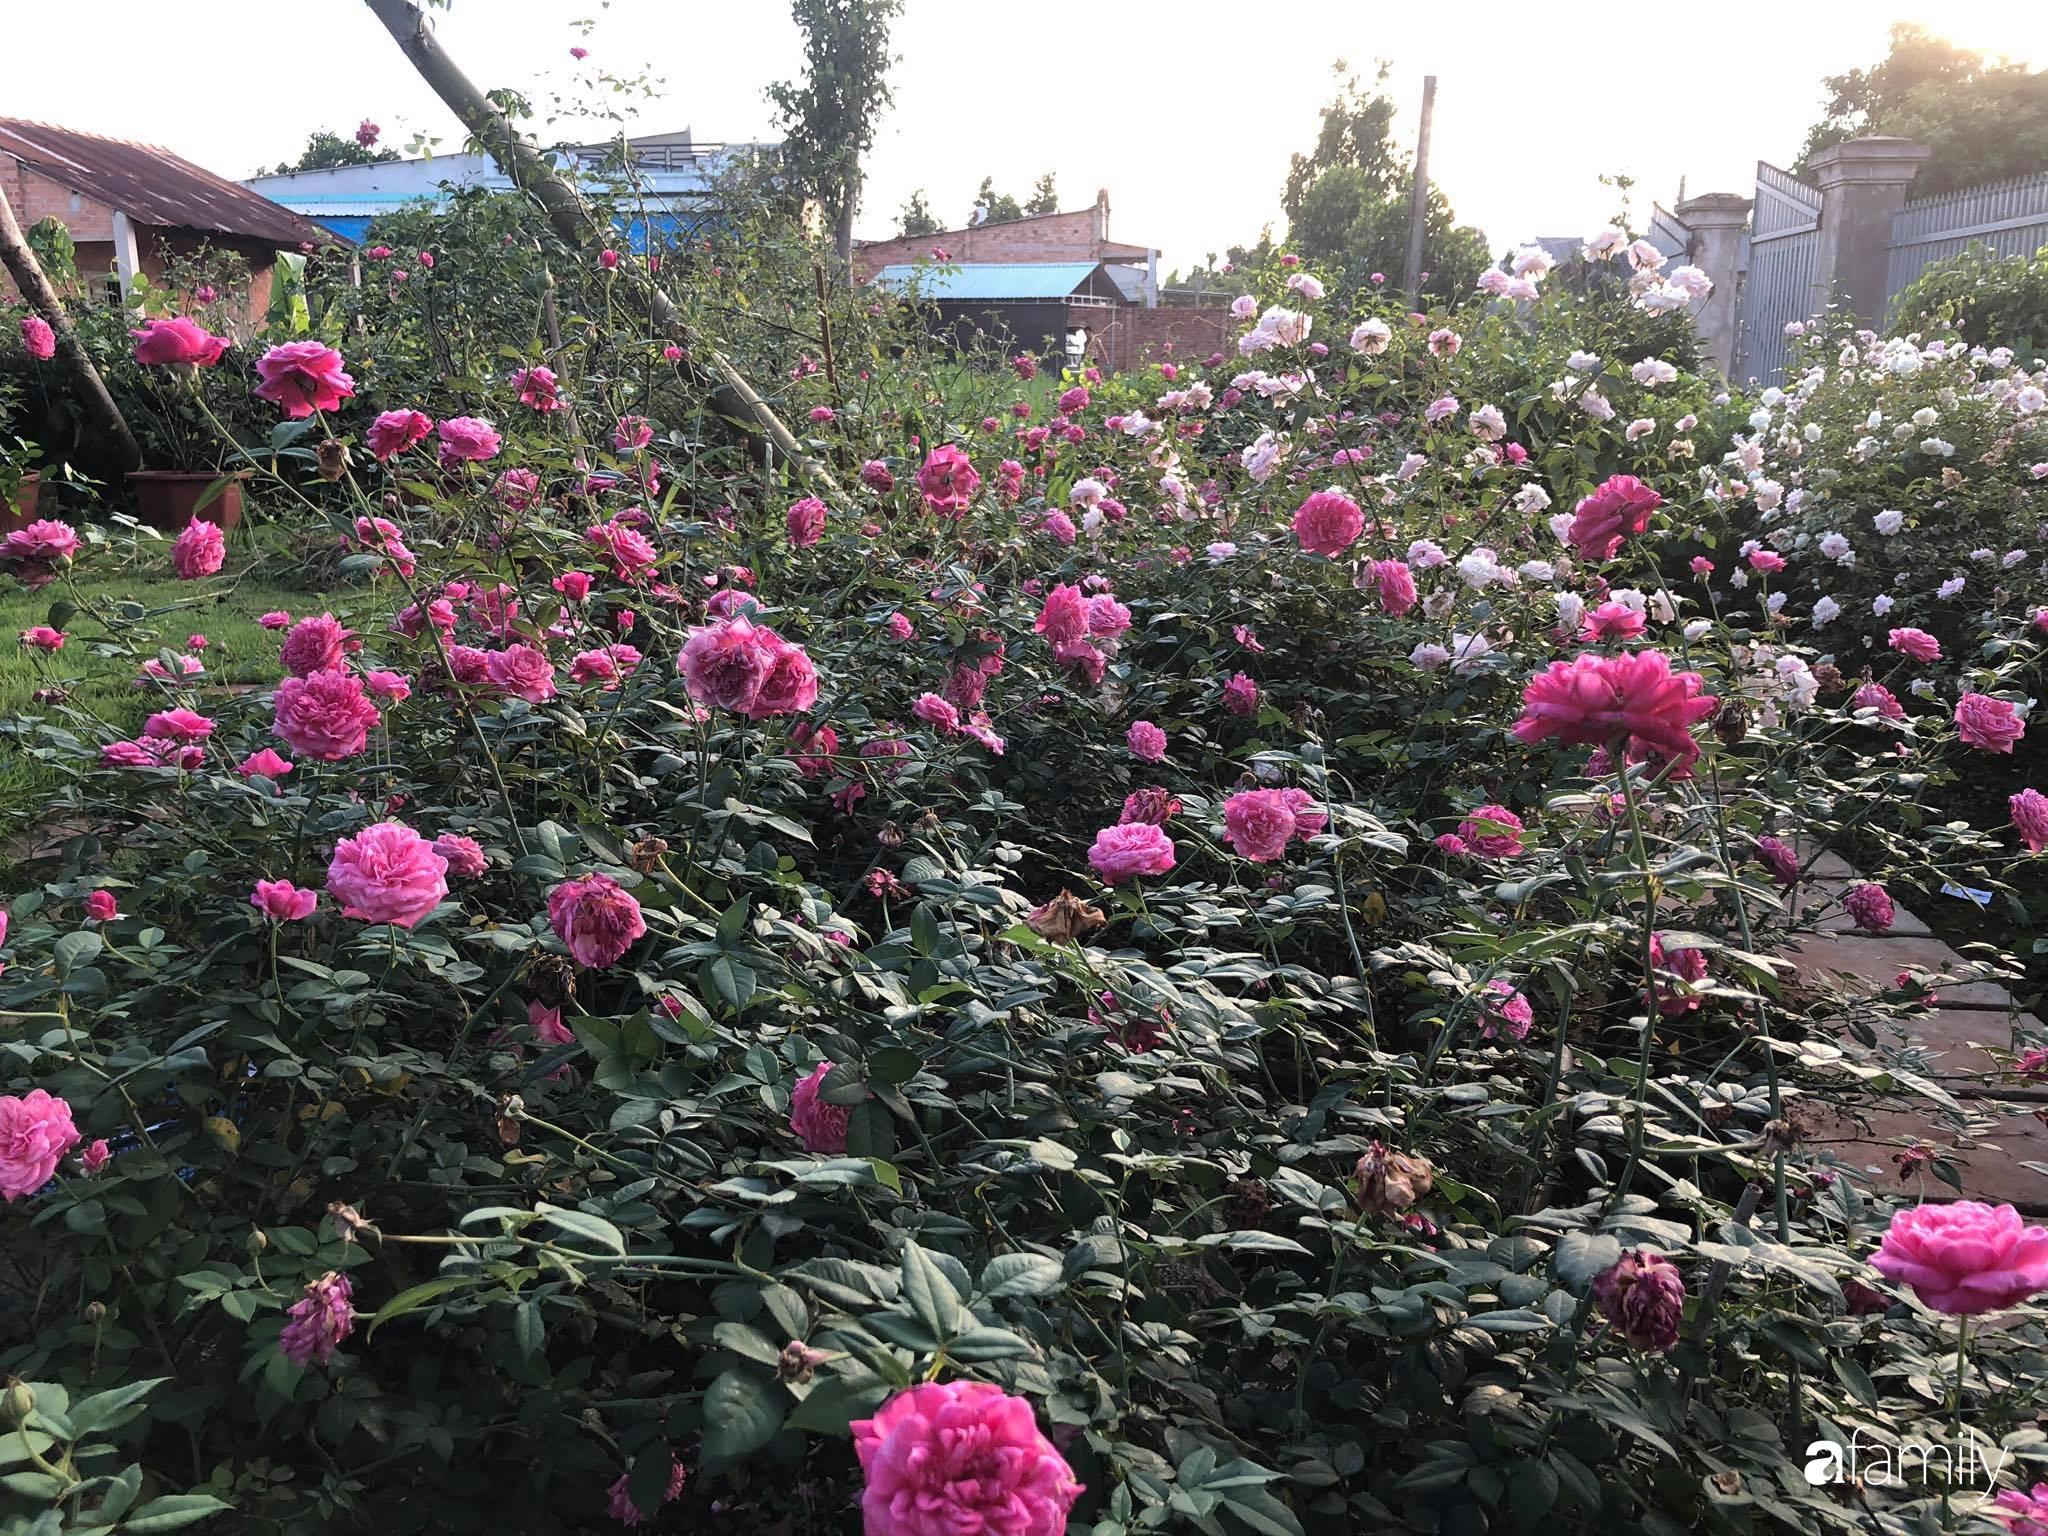 Khu vườn hoa hồng đẹp như cổ tích mà người chồng ngày đêm chăm sóc để tặng vợ con ở Vũng Tàu-12